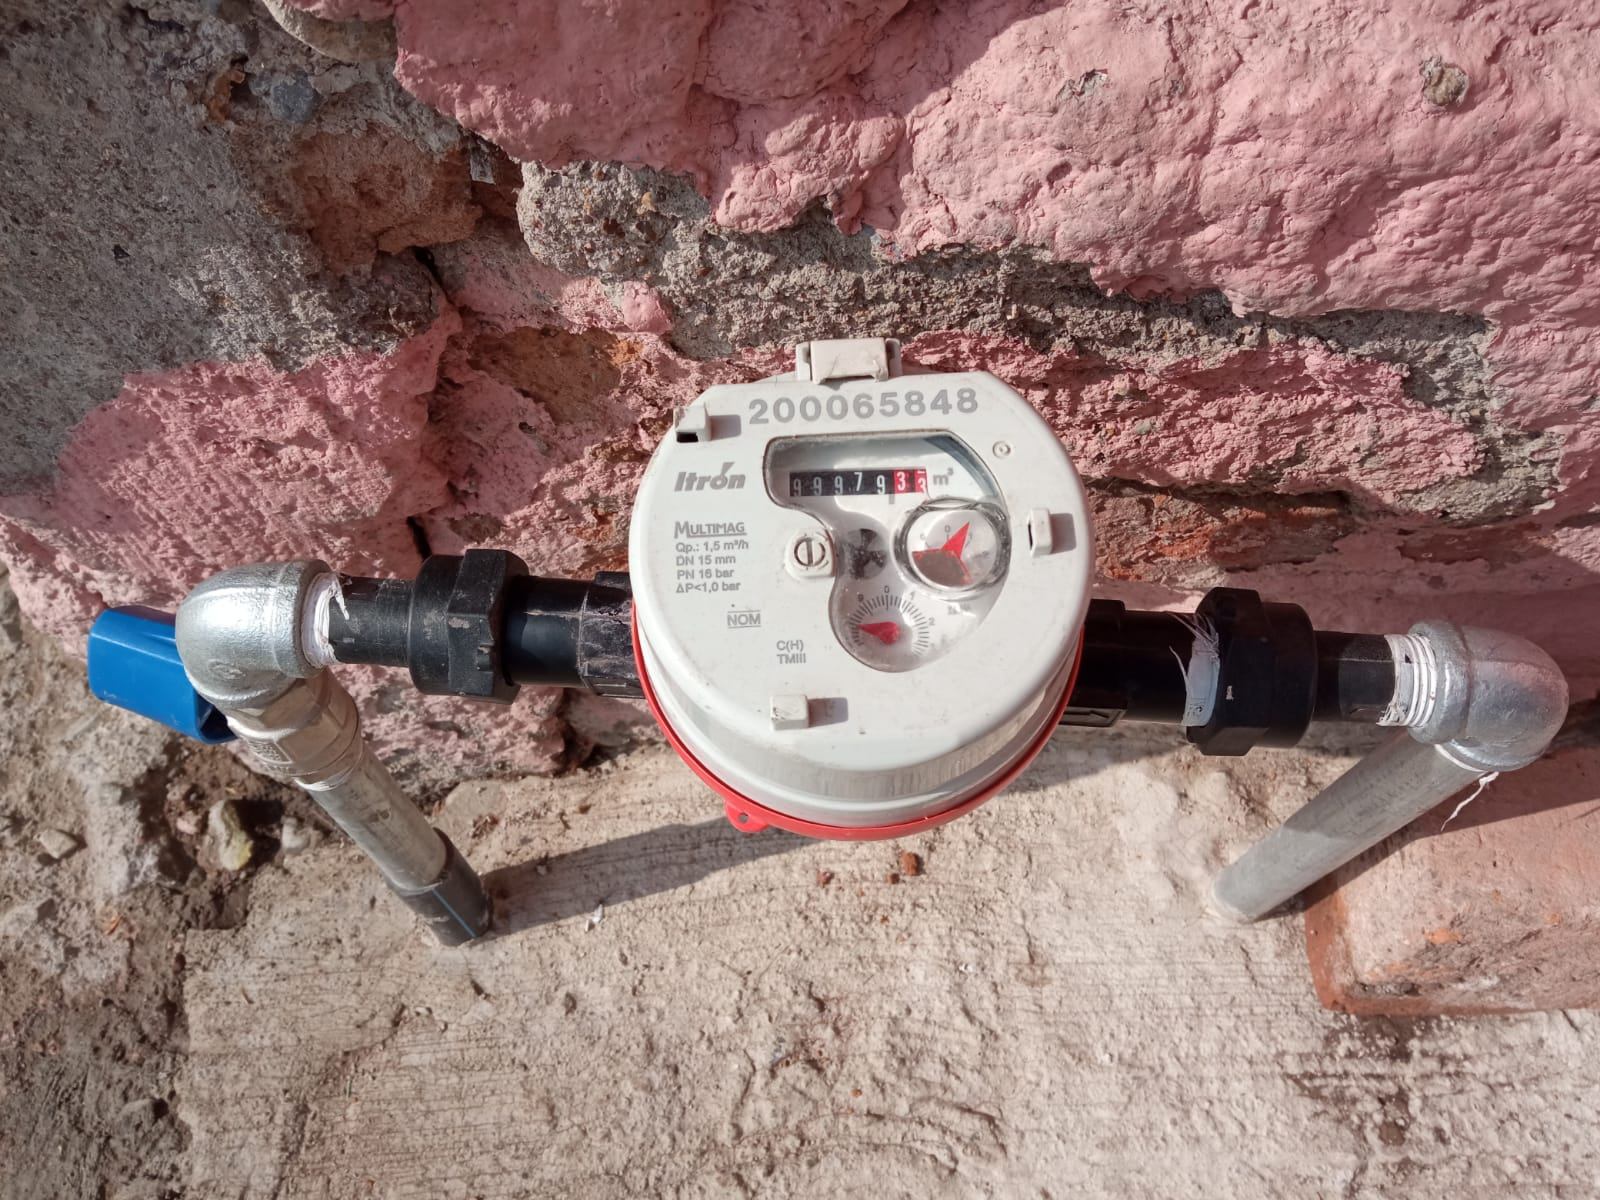 Instalación de micromedidores reduce consumo de agua y costos: JAPAMI